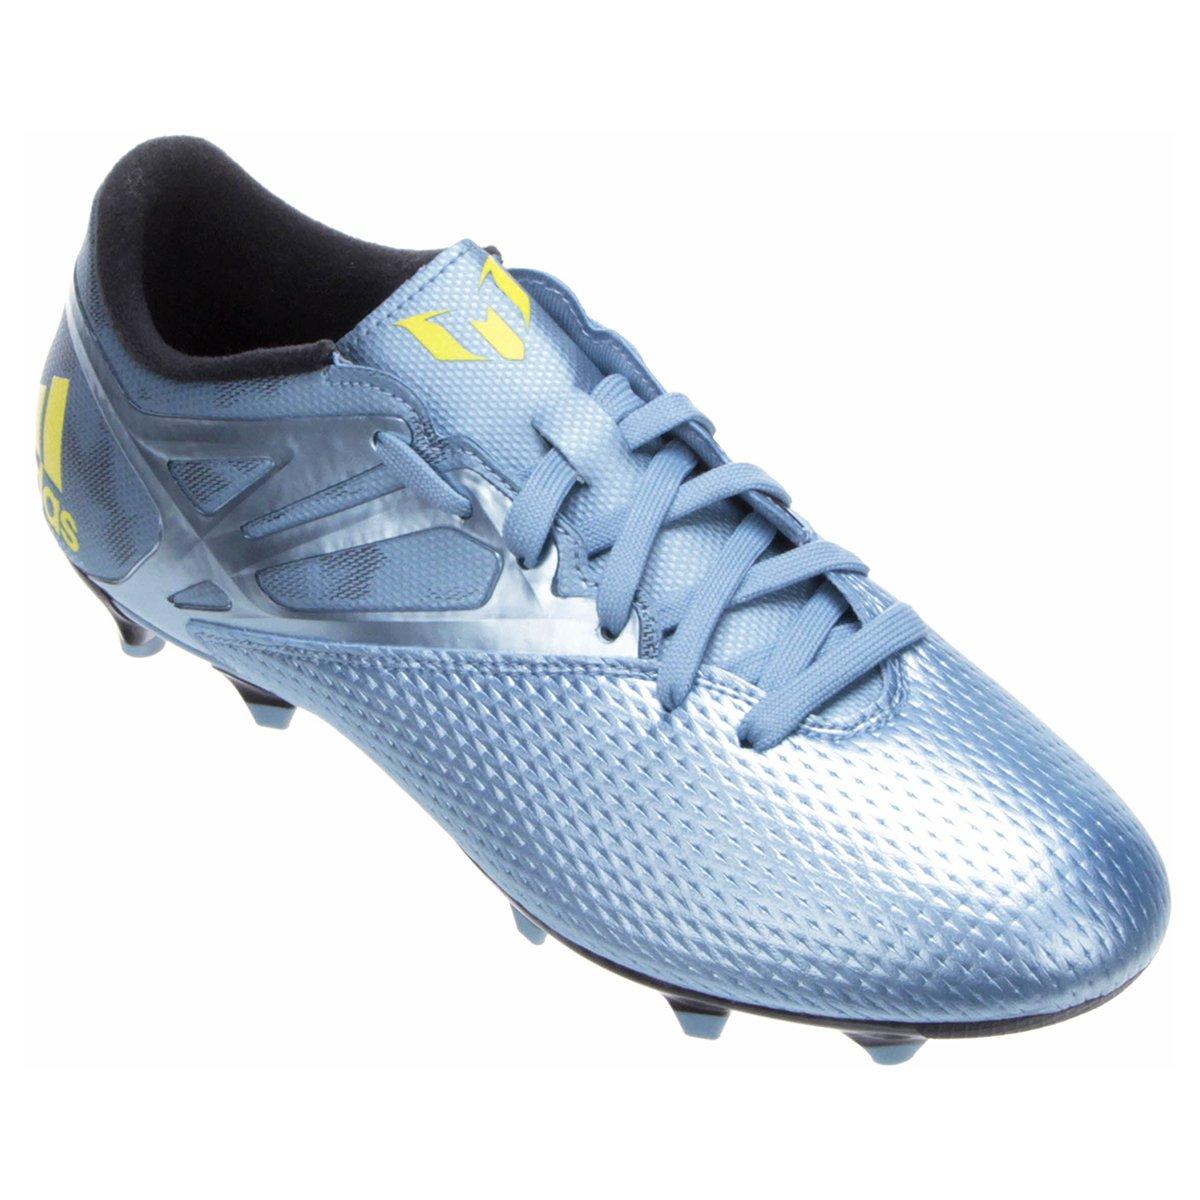 reputable site 5f161 519d6 Chuteira Adidas Messi 15.3 FG Campo - Compre Agora   Netshoes